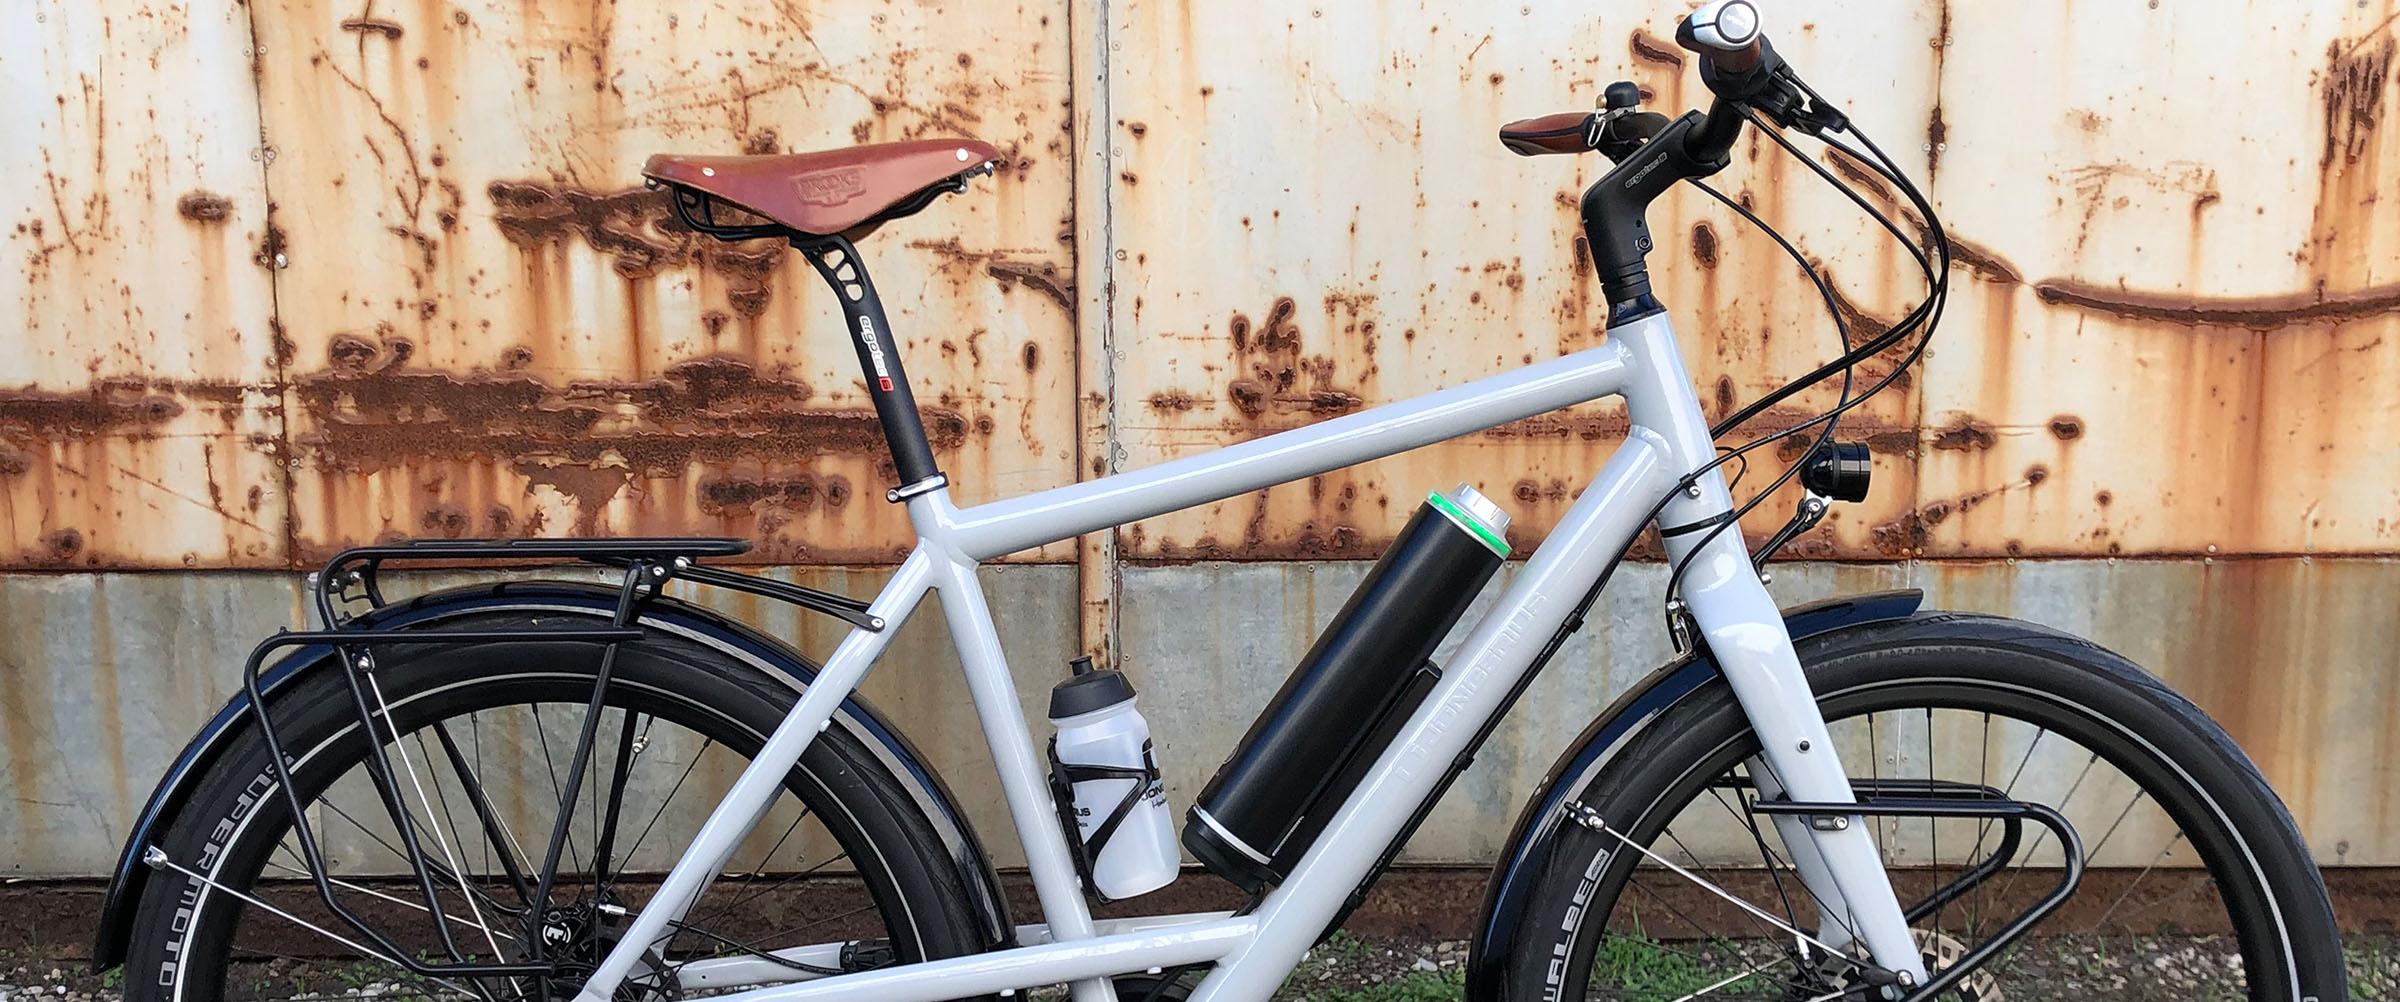 CycleBuild   Wij bouwen jouw droomfiets!